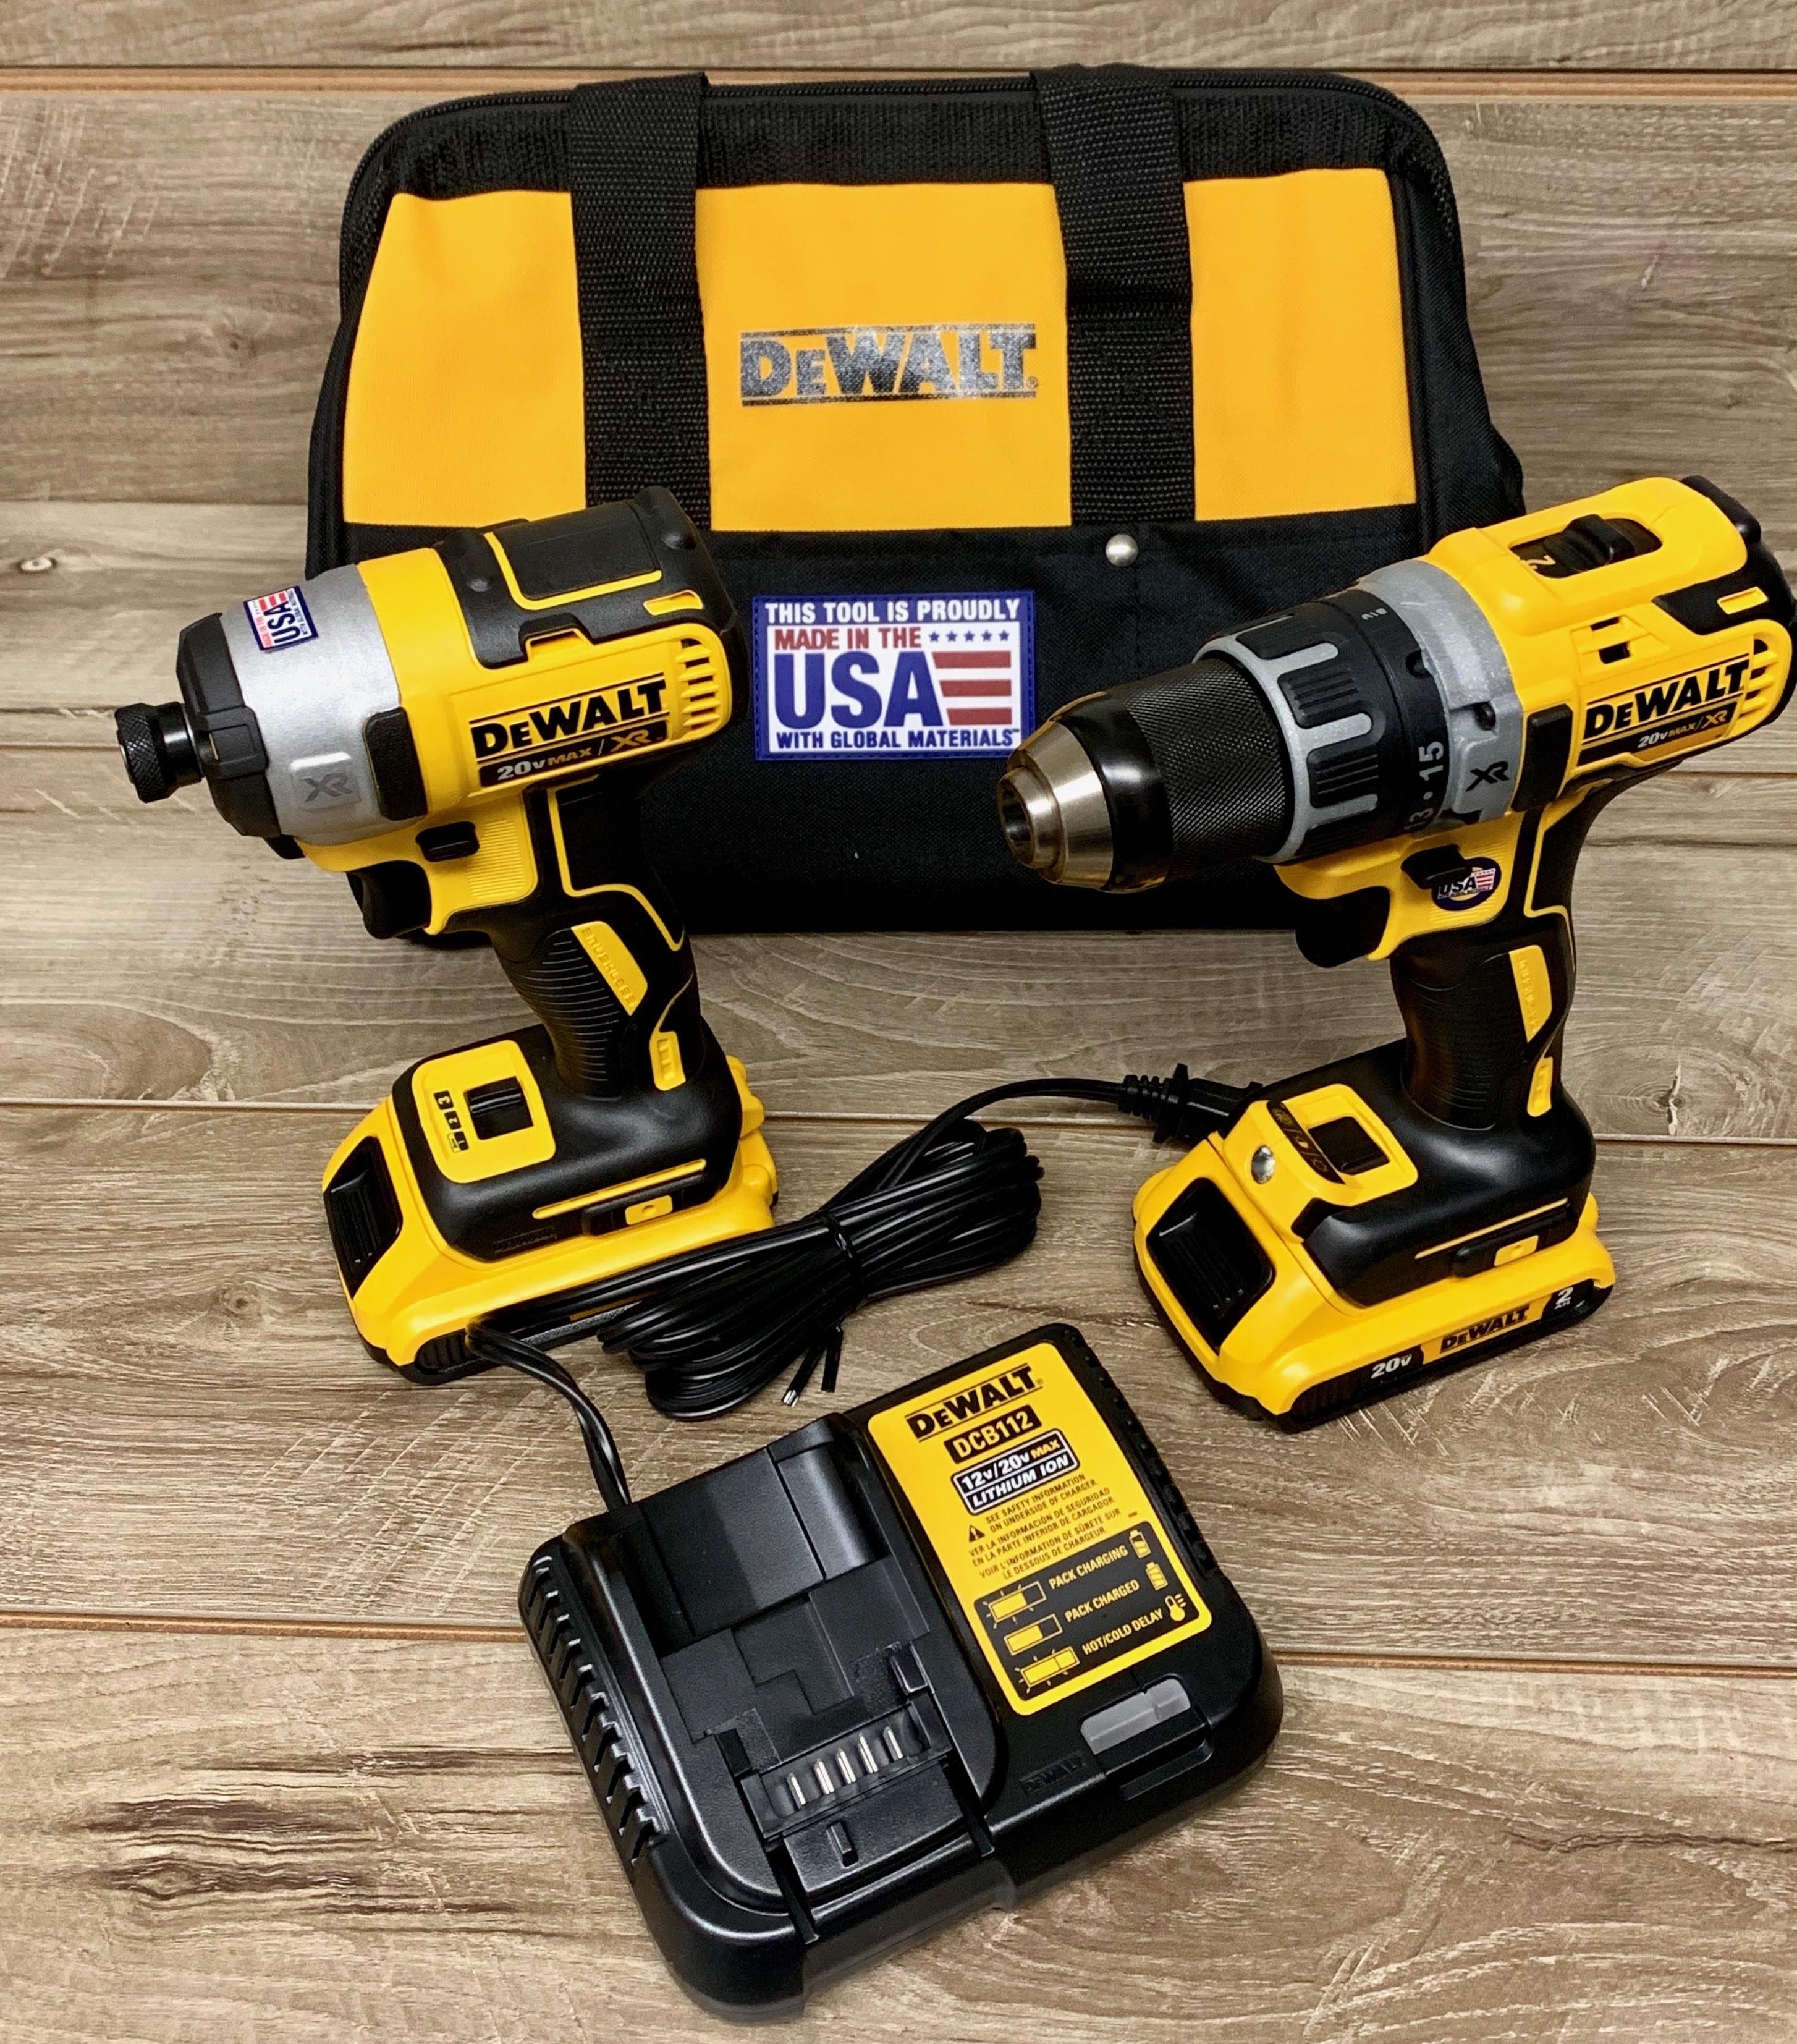 Dewalt Dck283d2 2ov Max Xr Brushless Cordless Drill Driver Combo Kit Fourman Industries